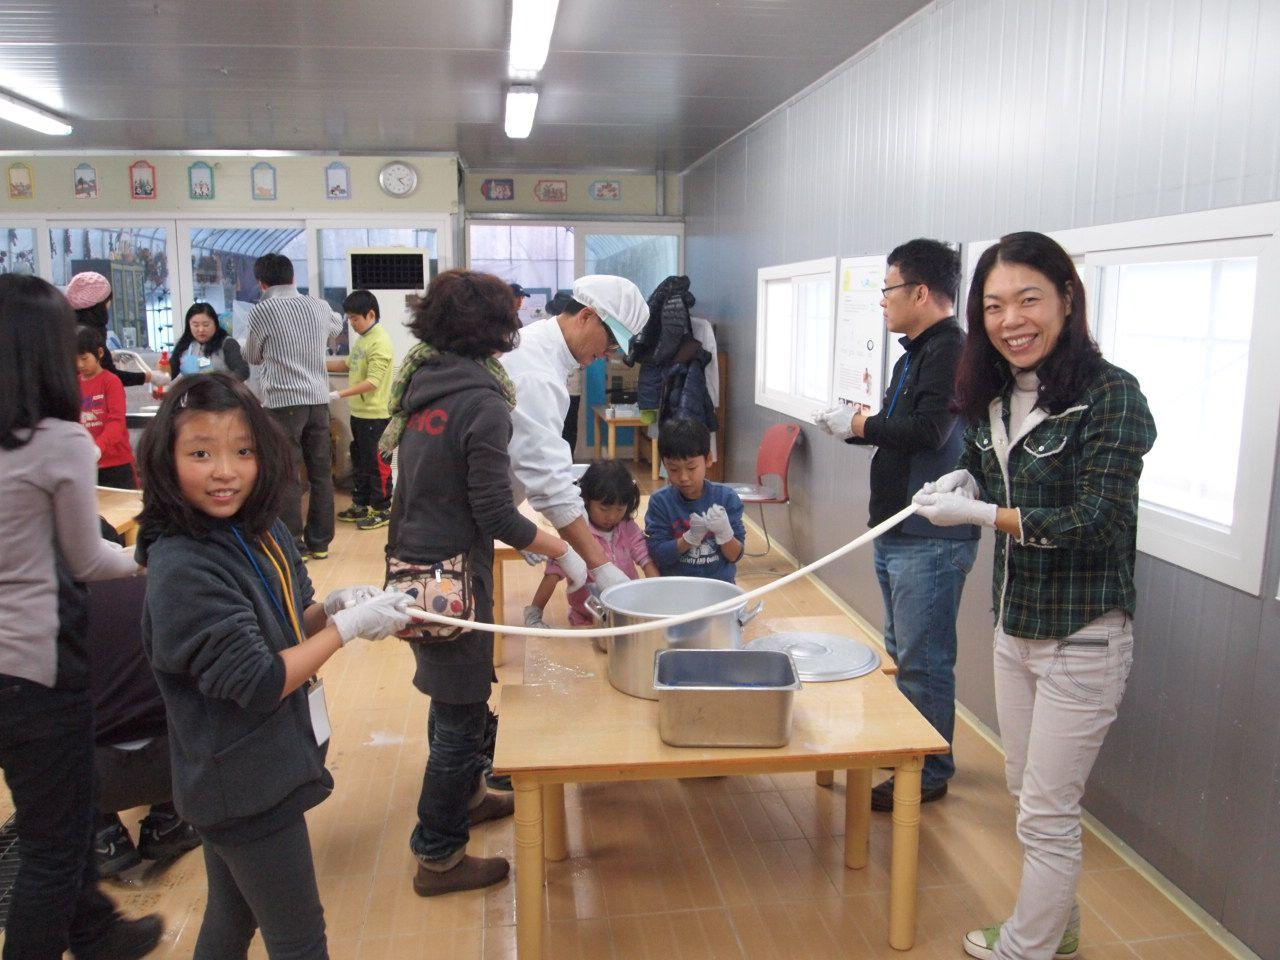 대산 농촌 문화 재단 가족사랑 목장 체험 2012/11/27